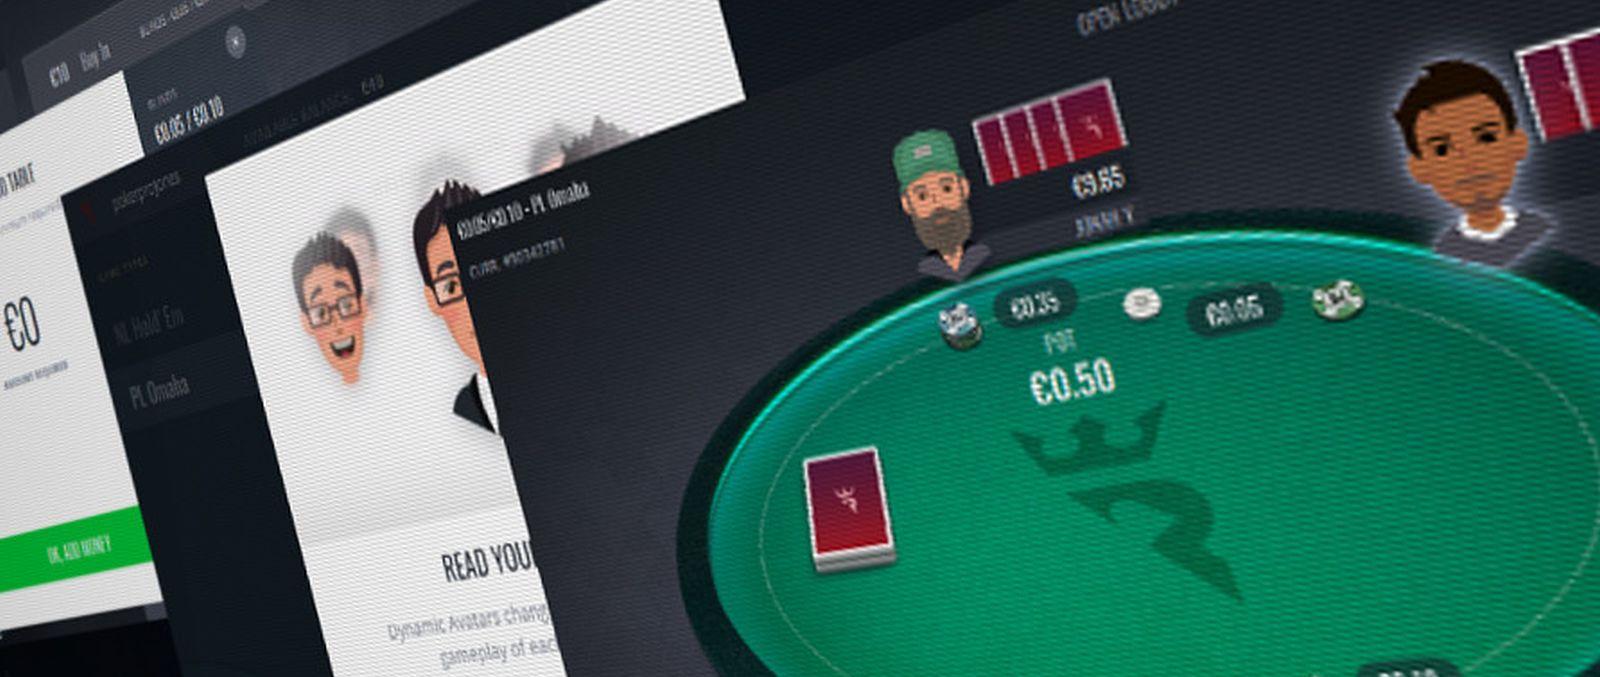 Покер-рум Фила Гальфонда Run it Once